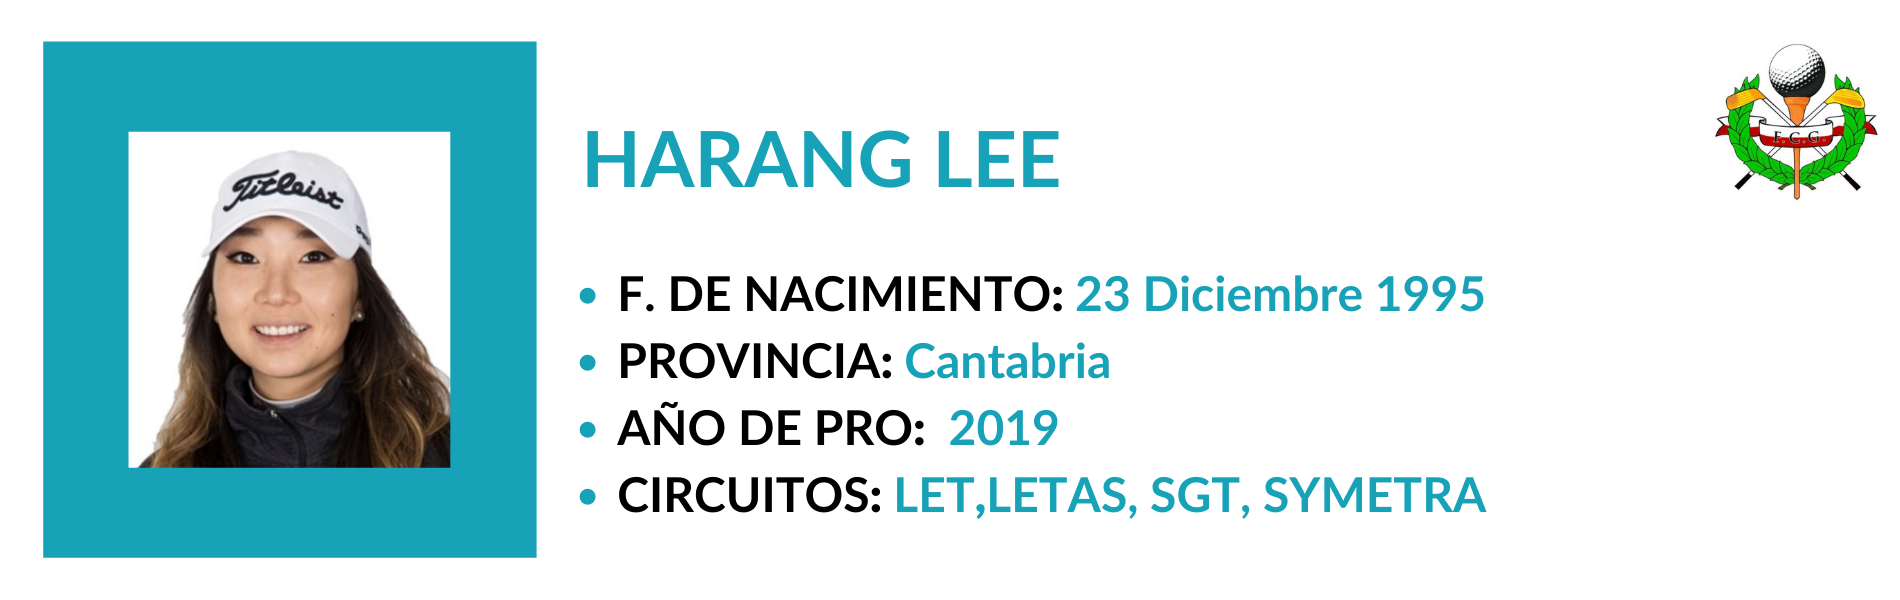 Harang Lee